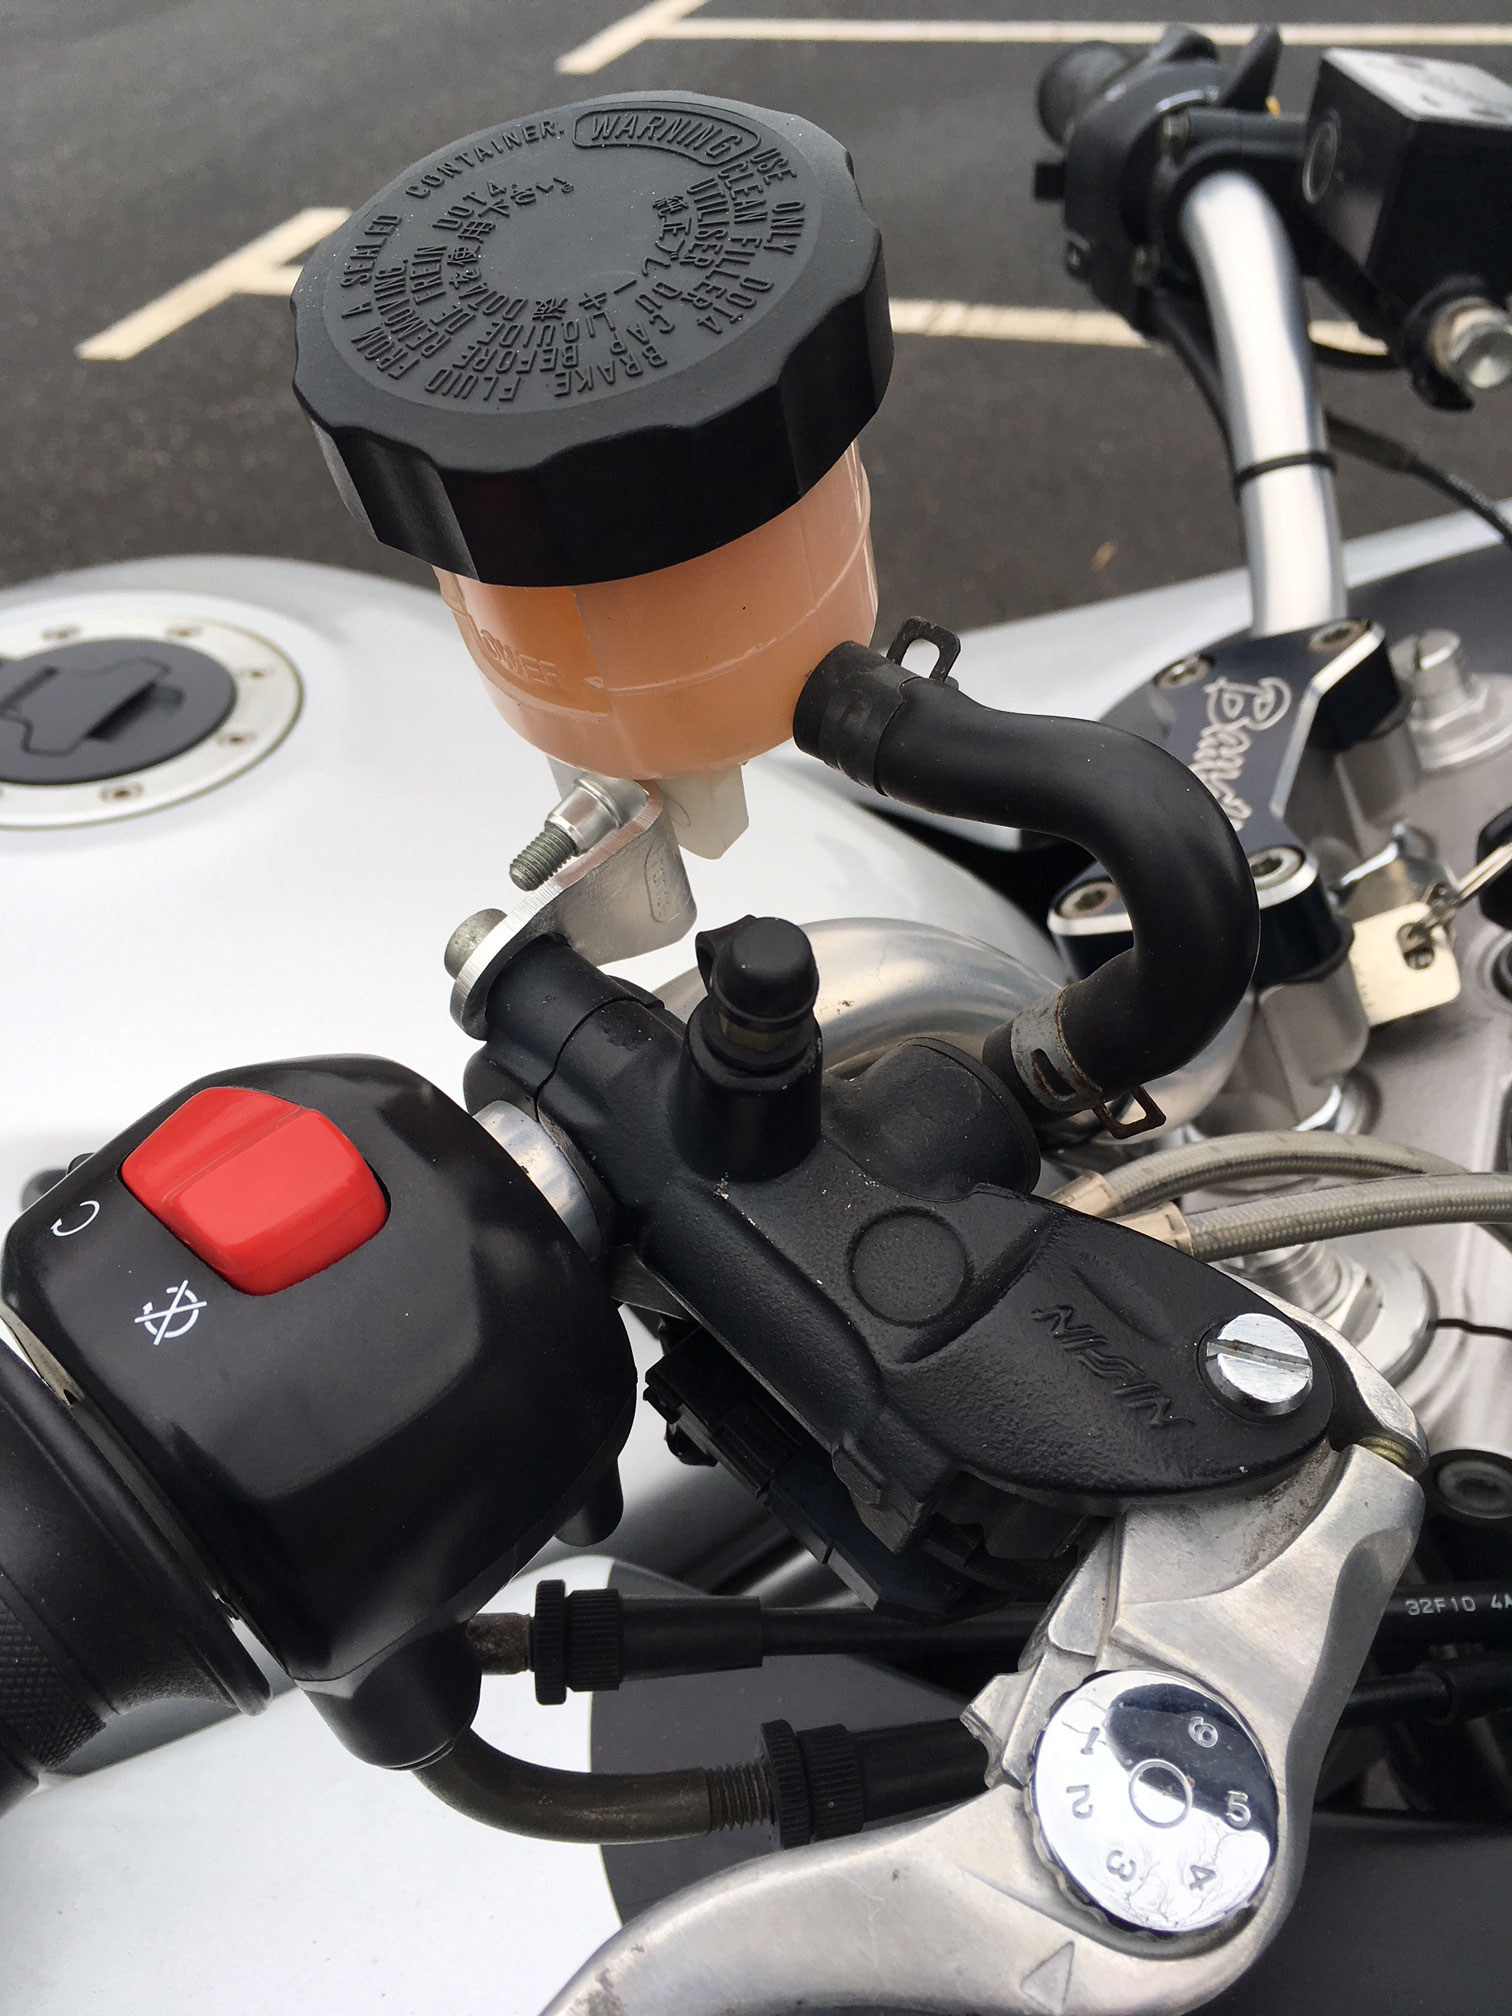 Bandit 1200 GT : maitre-cylindre de frein avant